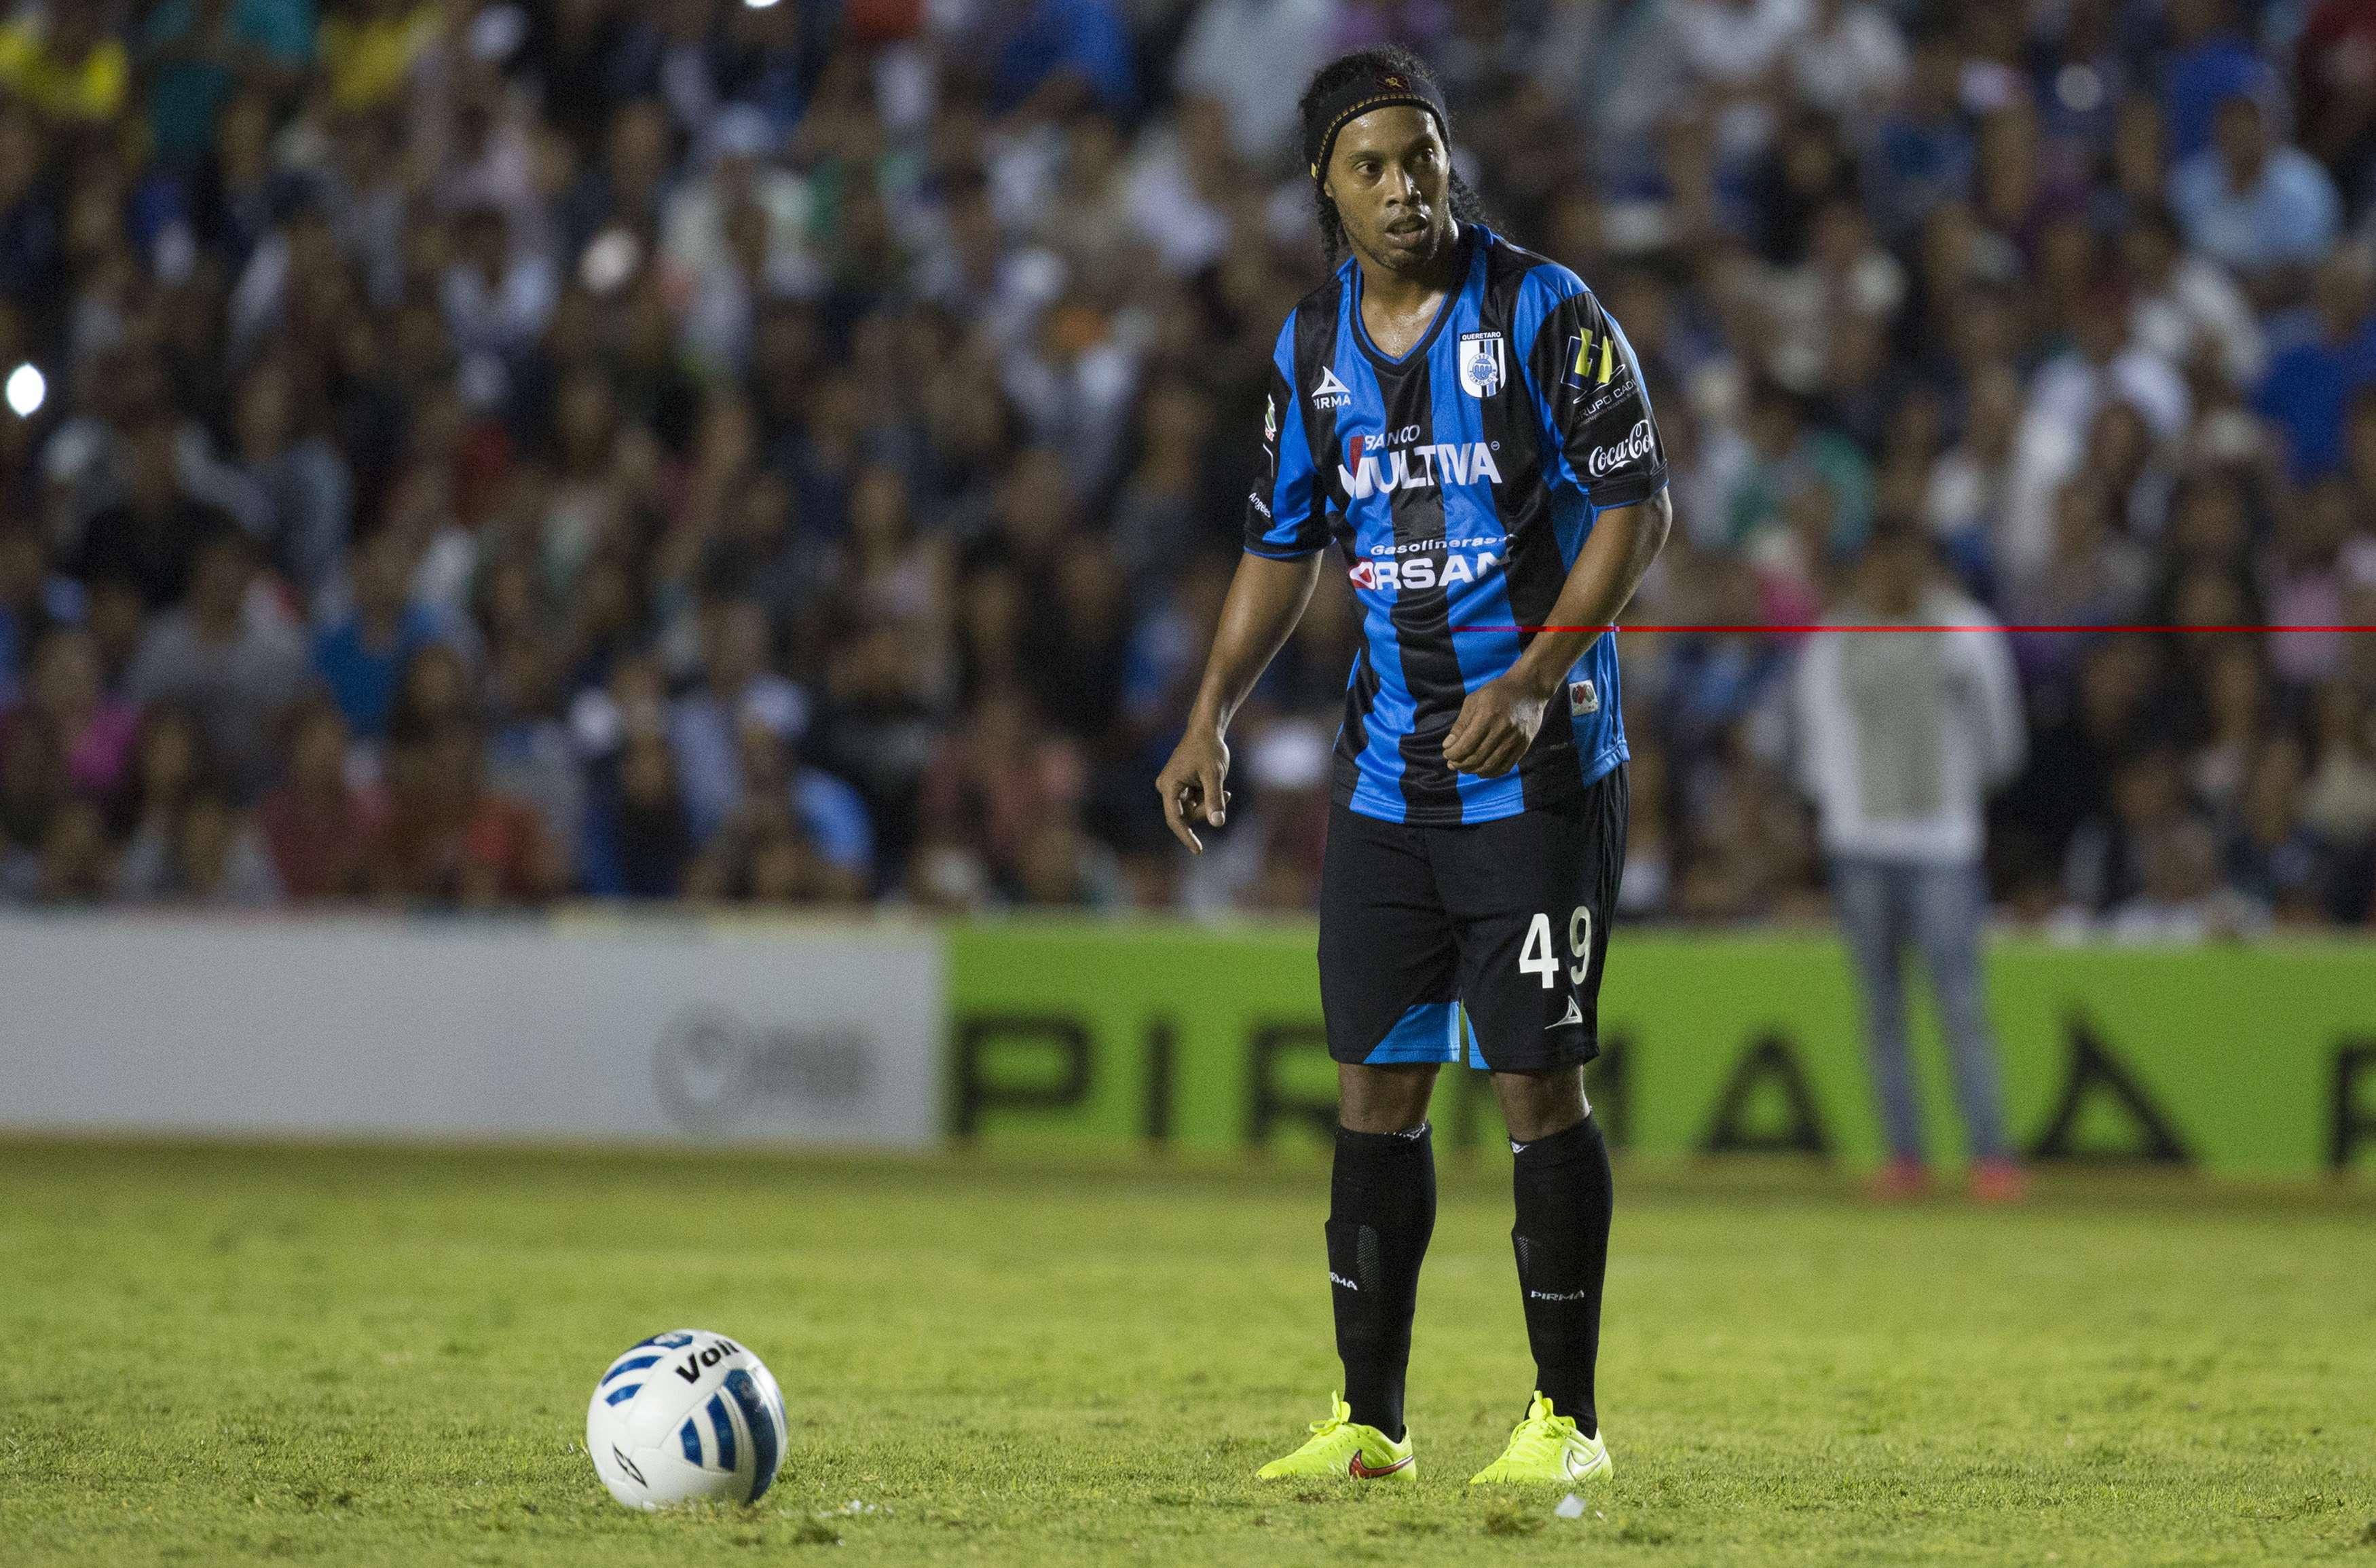 El brasileño Ronaldinho debutó en el futbol mexicano enfrentando a Tigres Foto: Mexsports